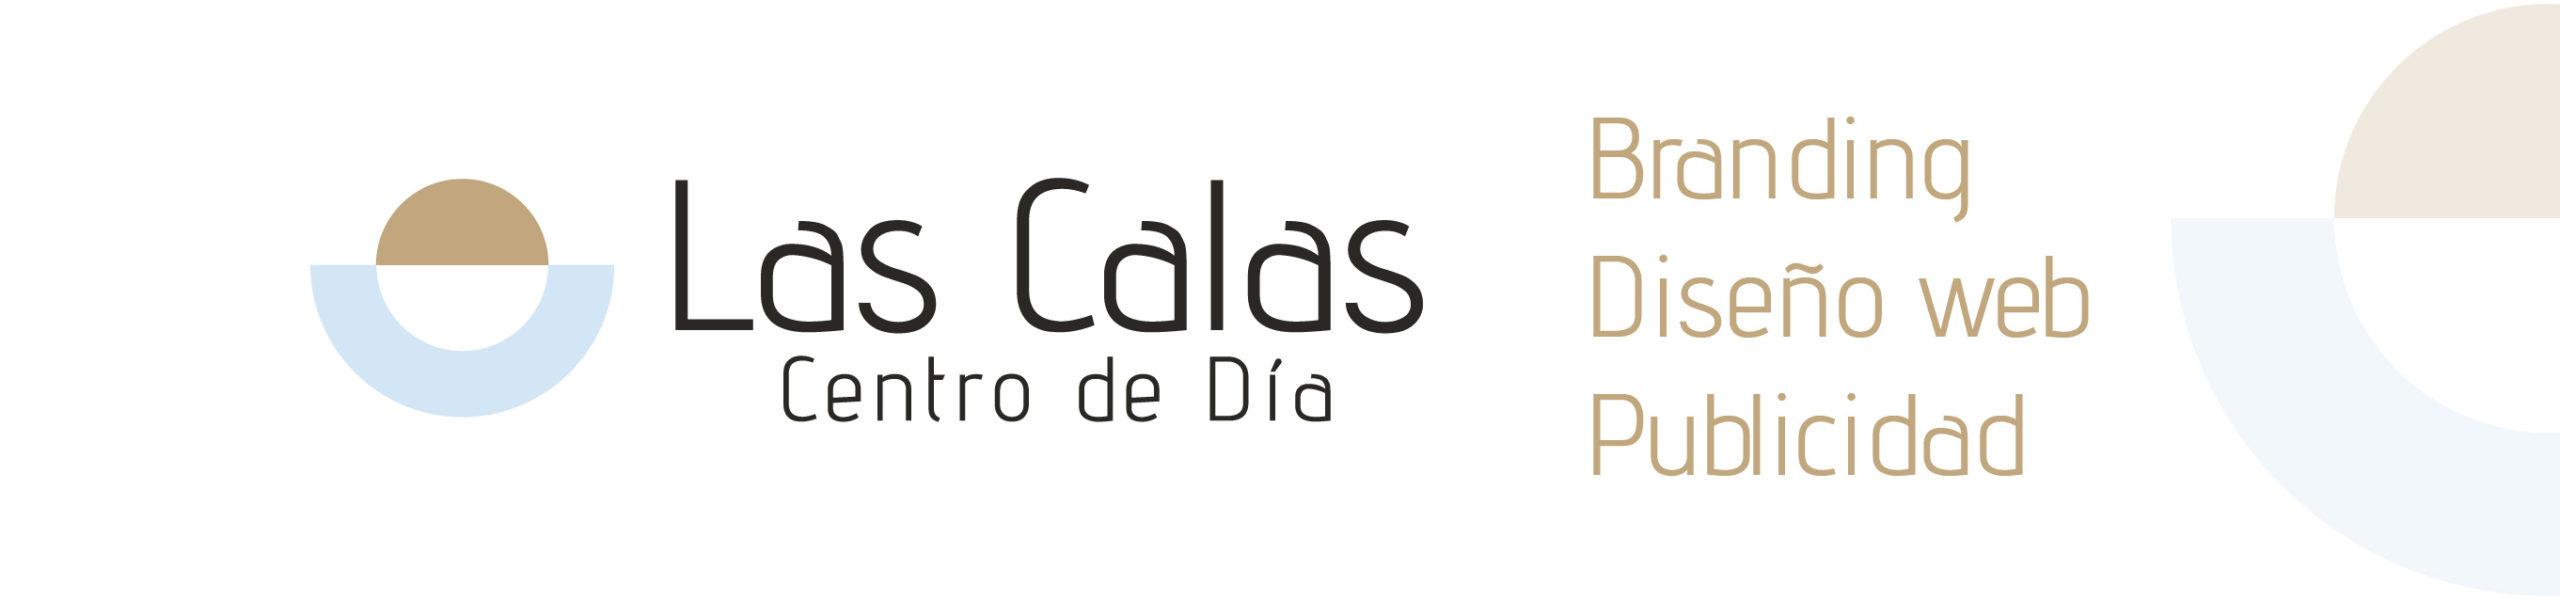 proyectos Centro de Día Las Calas